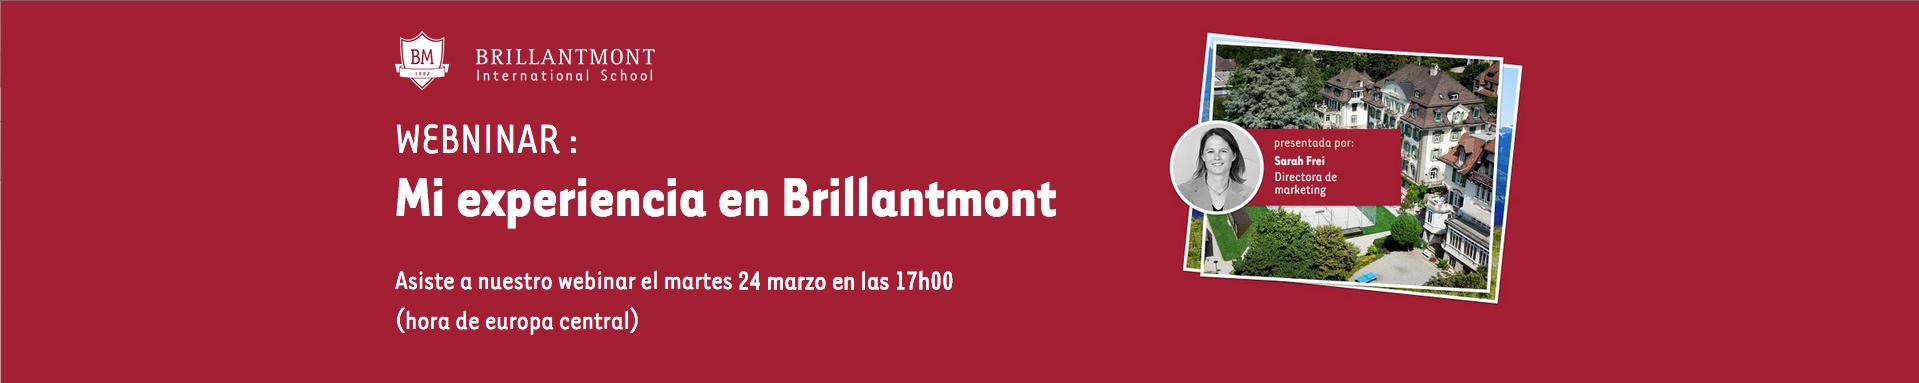 Brillantmont escuela internacional